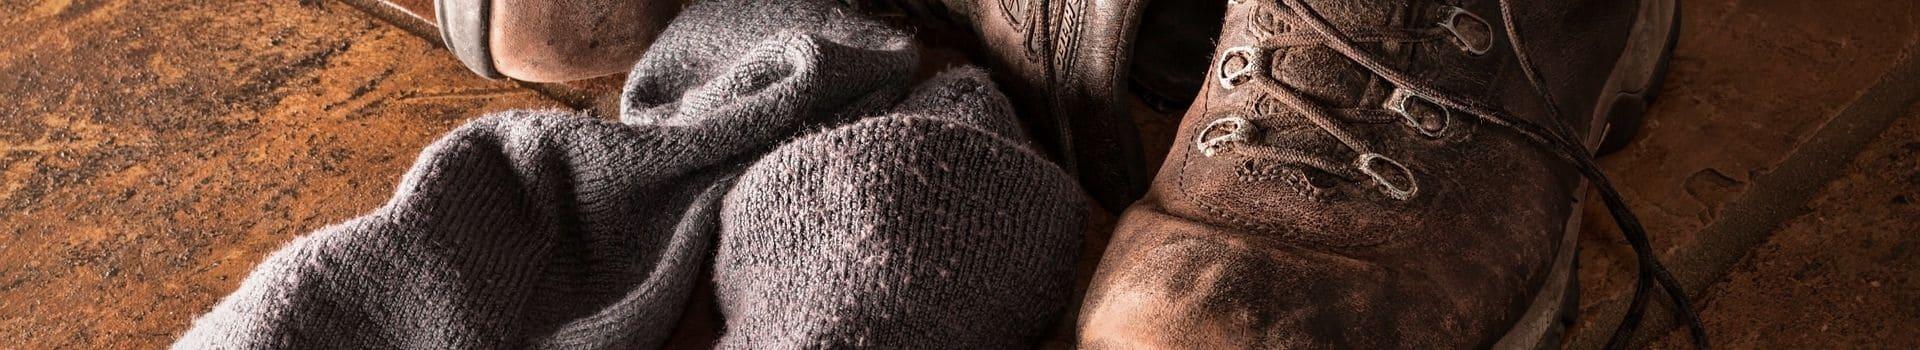 produzione calze da lavoro antinfortunistiche